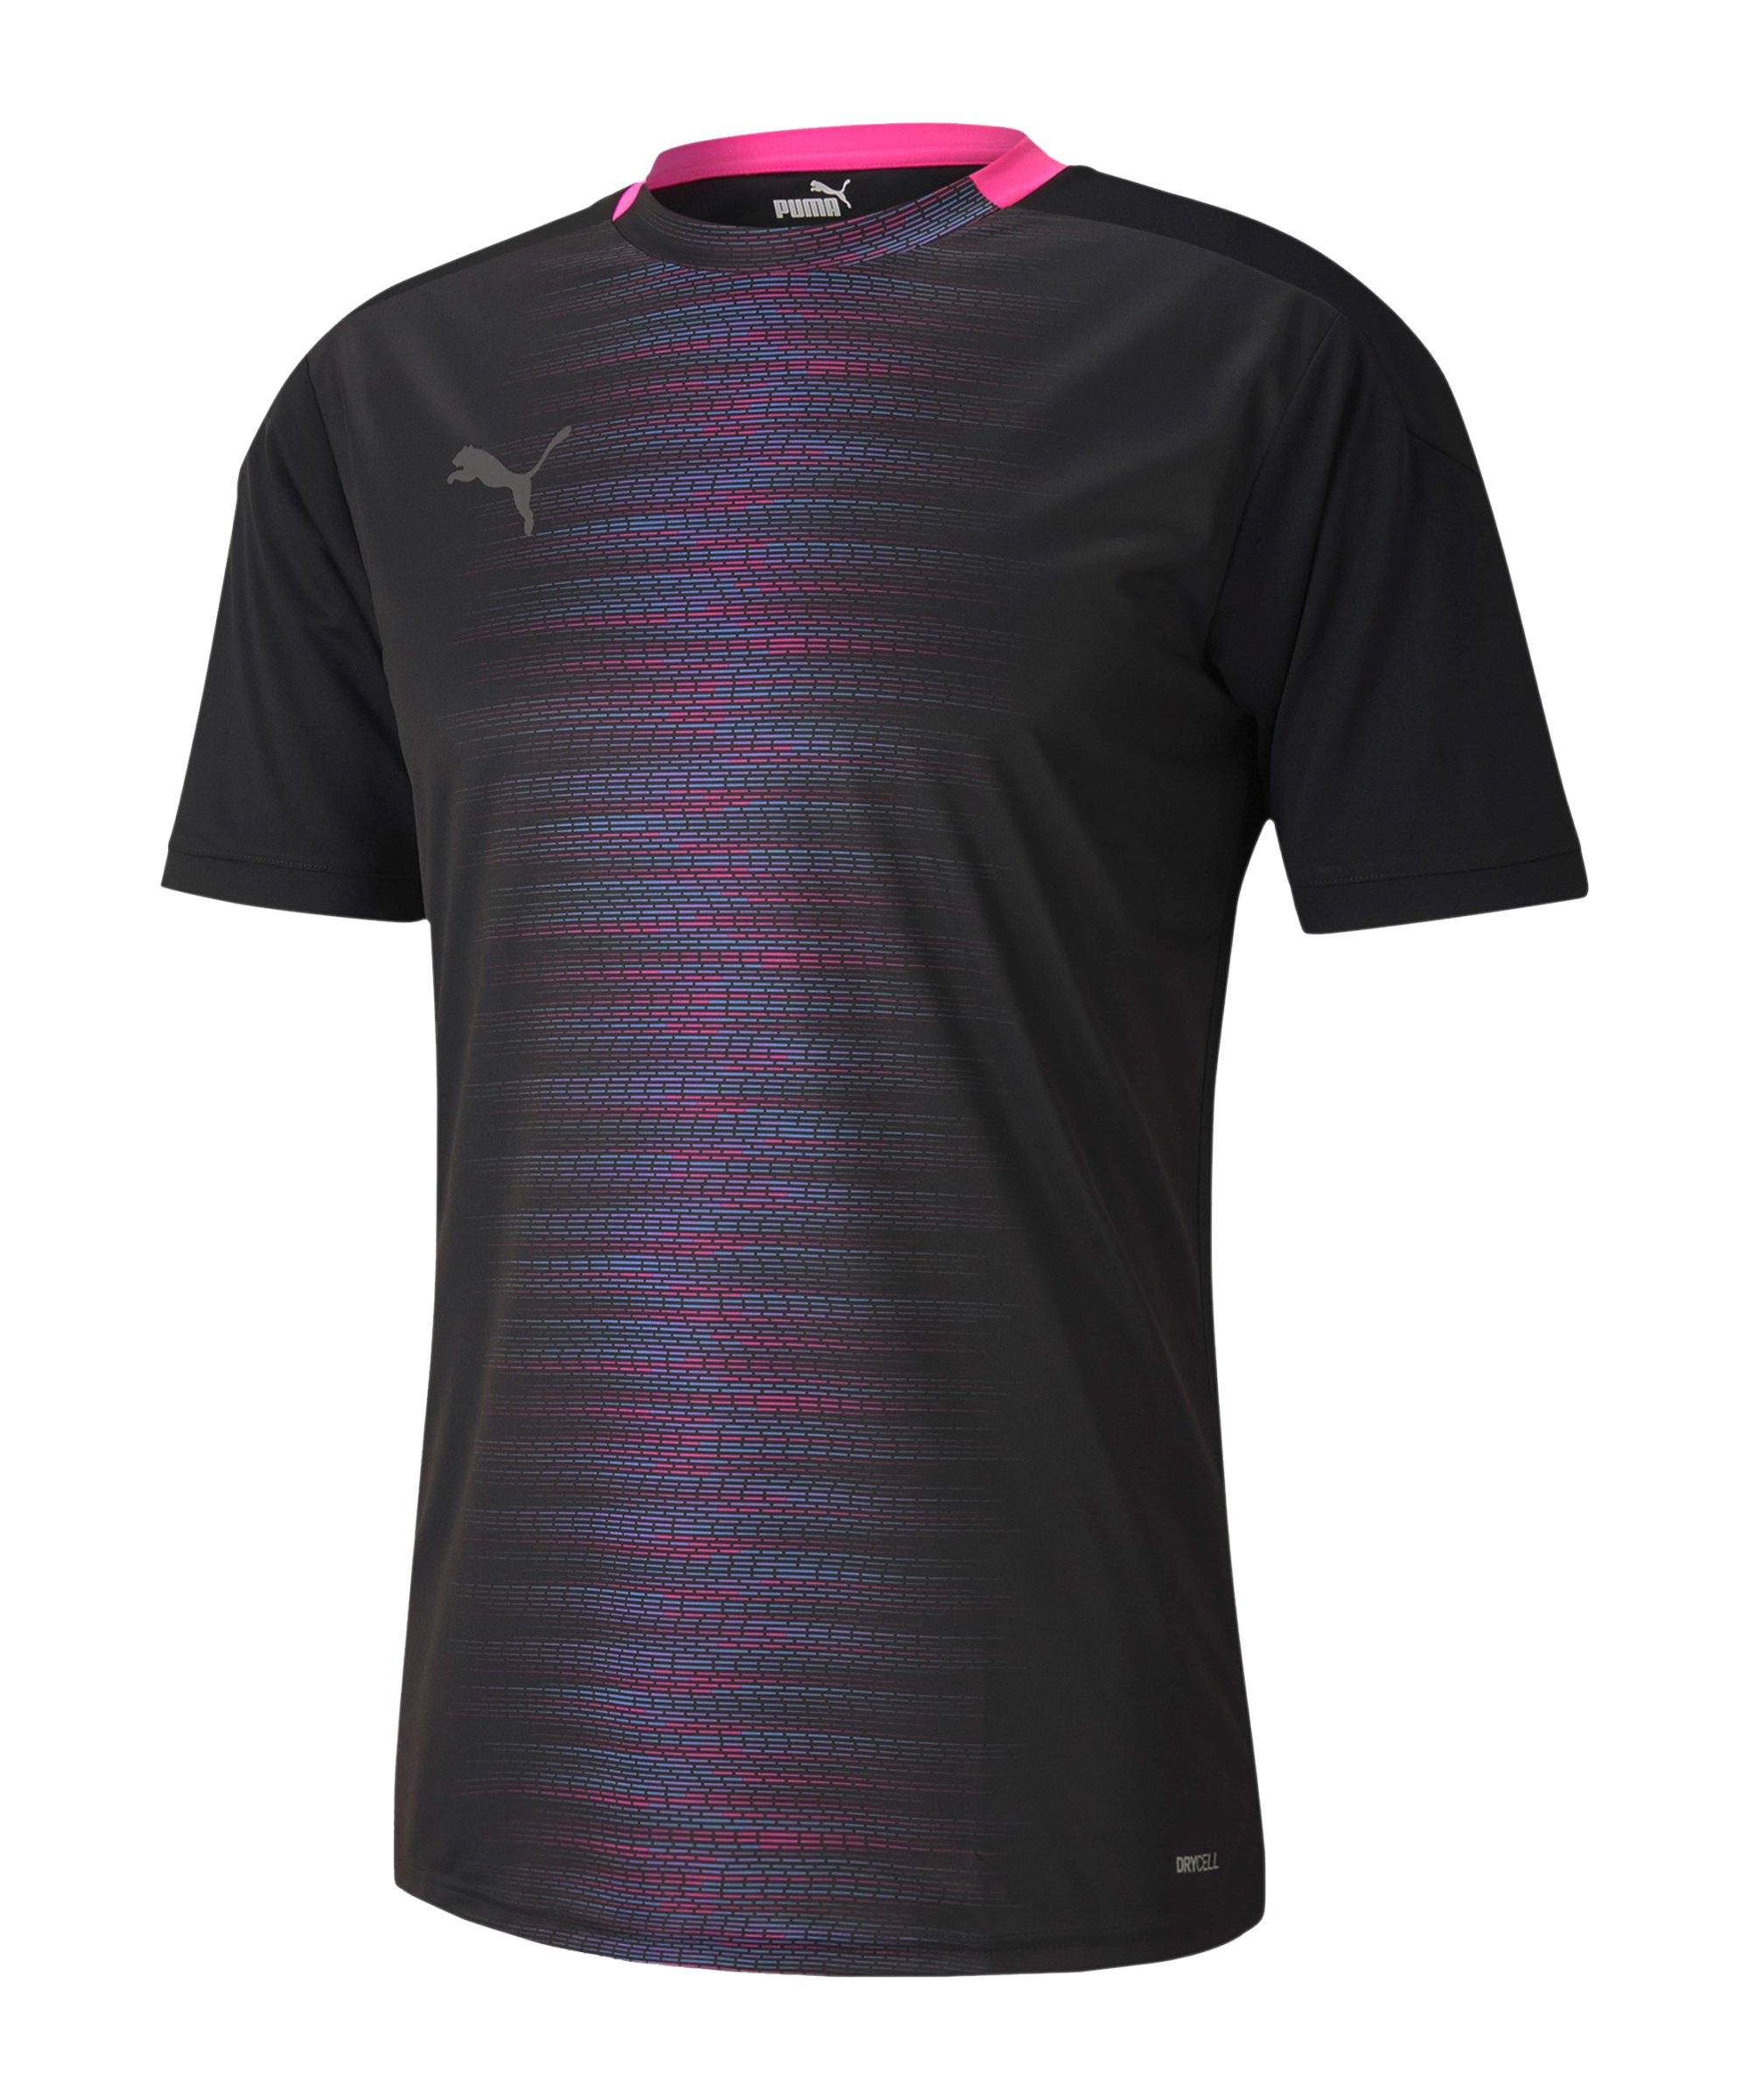 PUMA ftblNXT Pro T-Shirt Schwarz F04 - schwarz